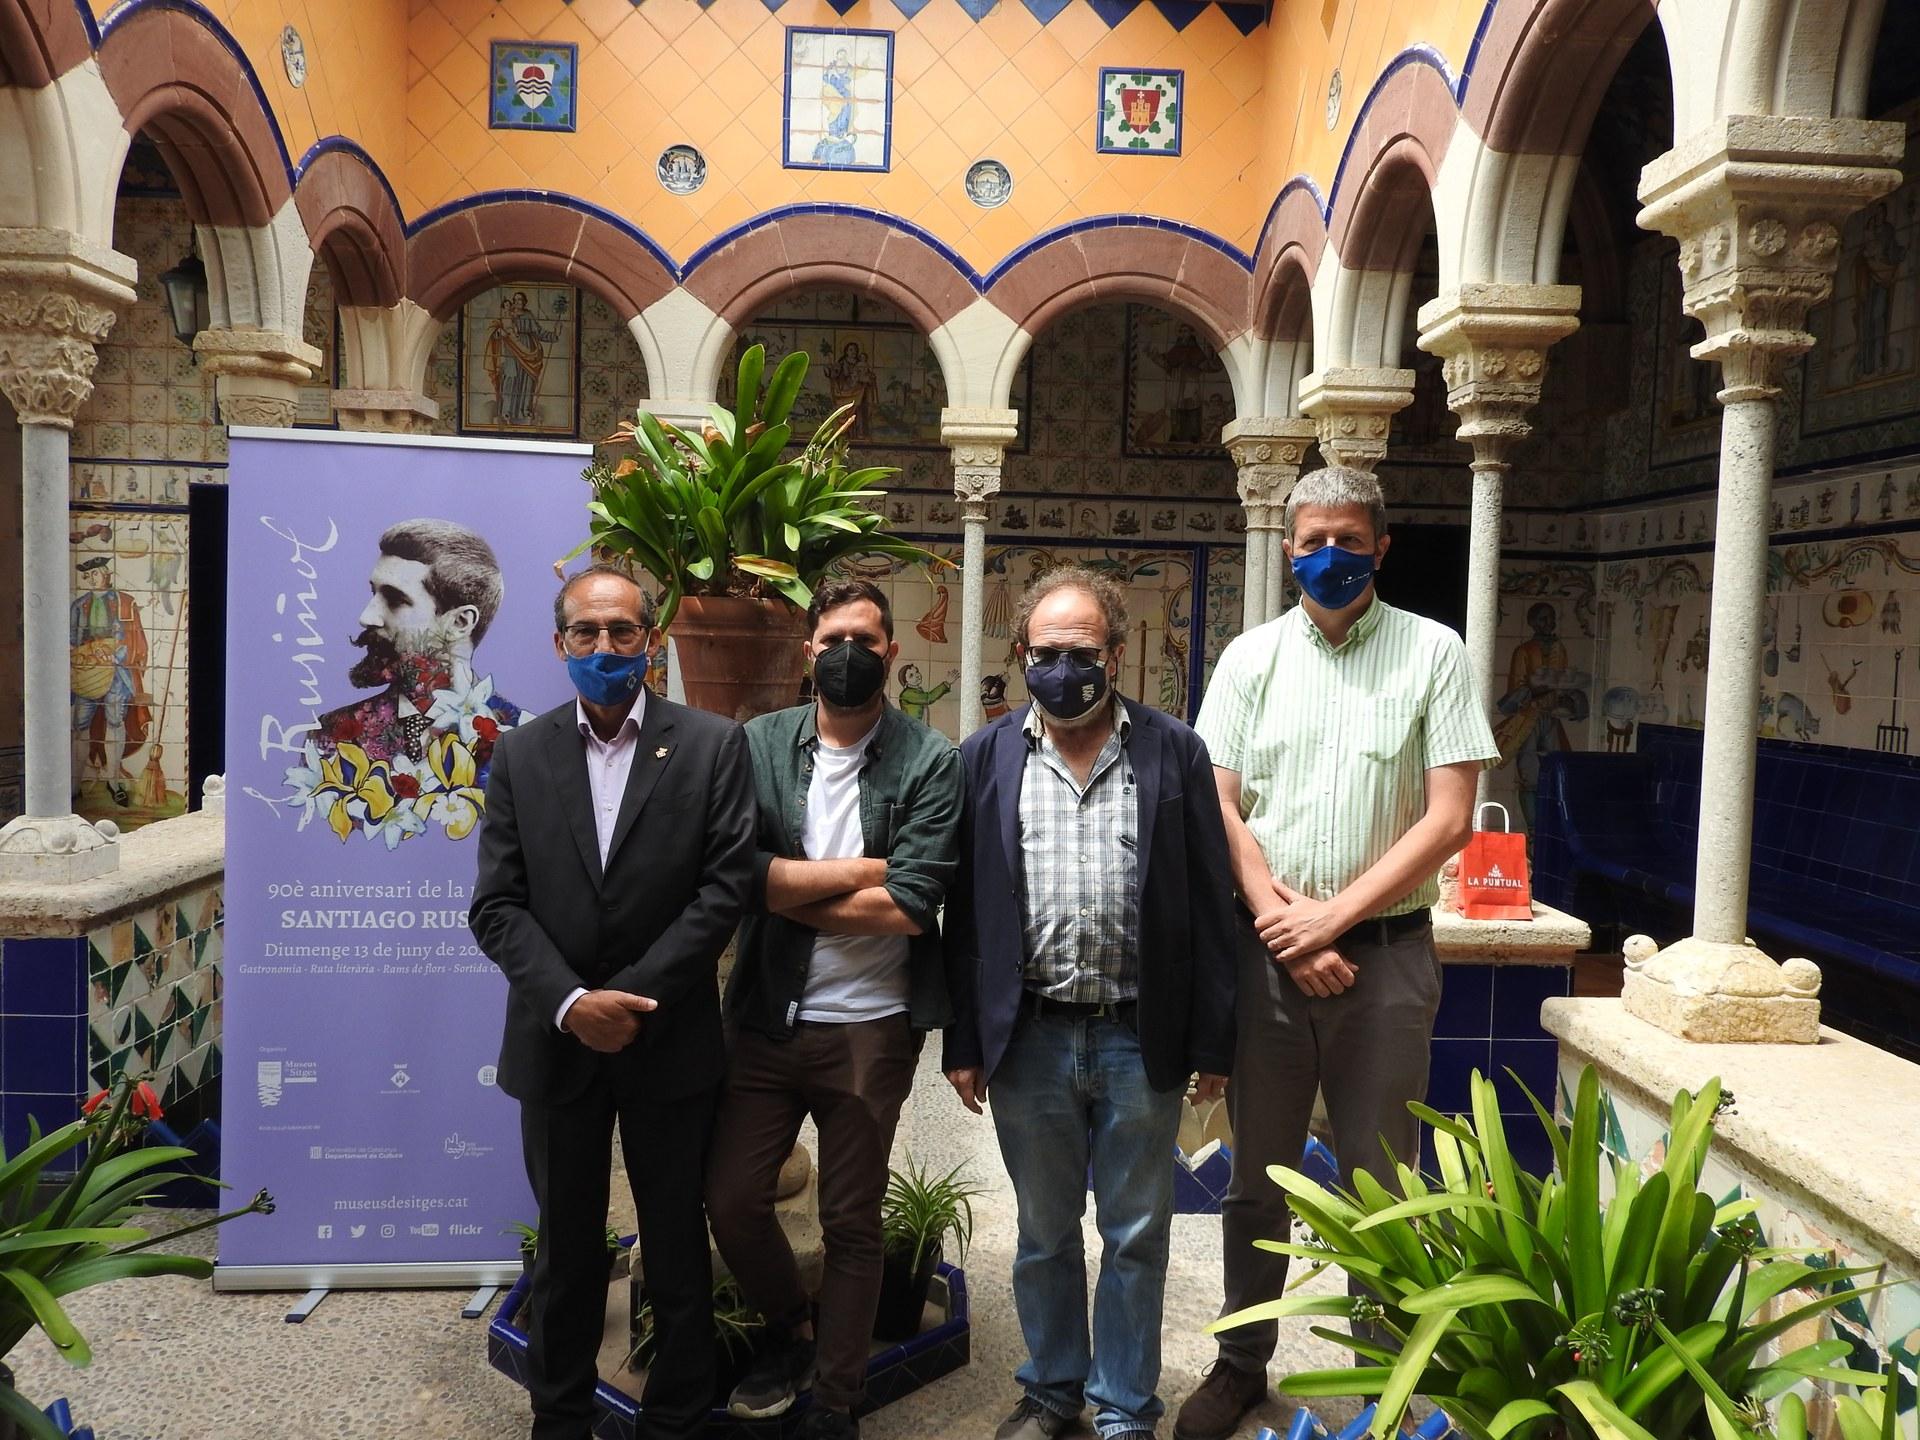 Sitges commemorarà el 90è aniversari de la mort de Santiago Rusiñol amb un programa cultural i gastronòmic